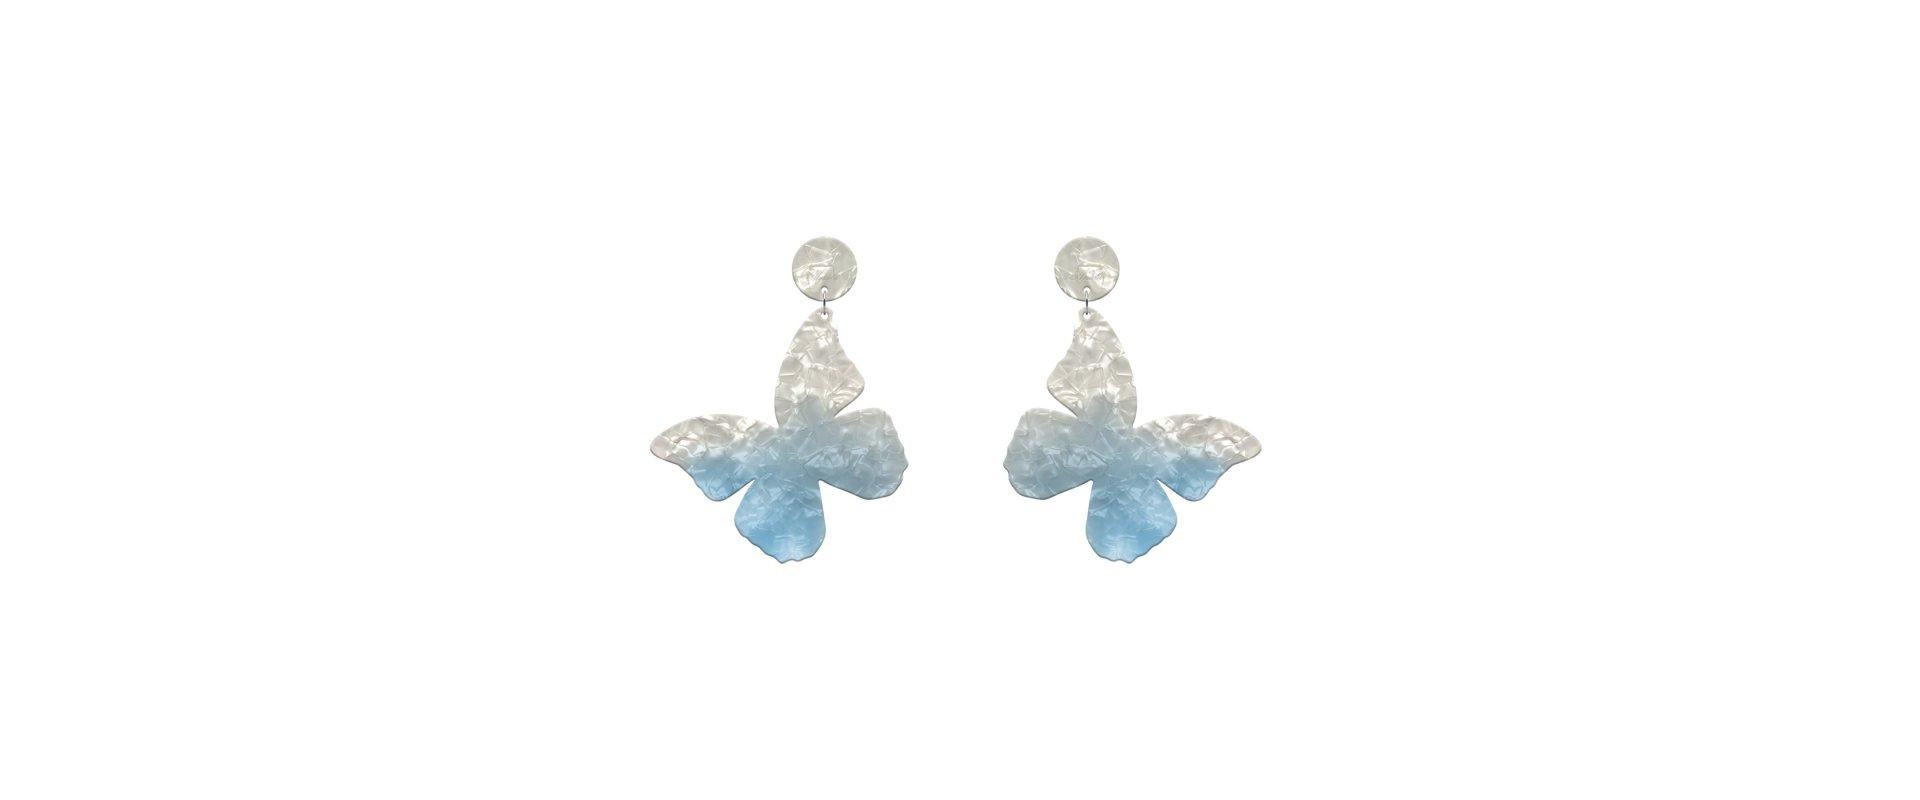 Blue earrings mariposa medium in online store anabi.online